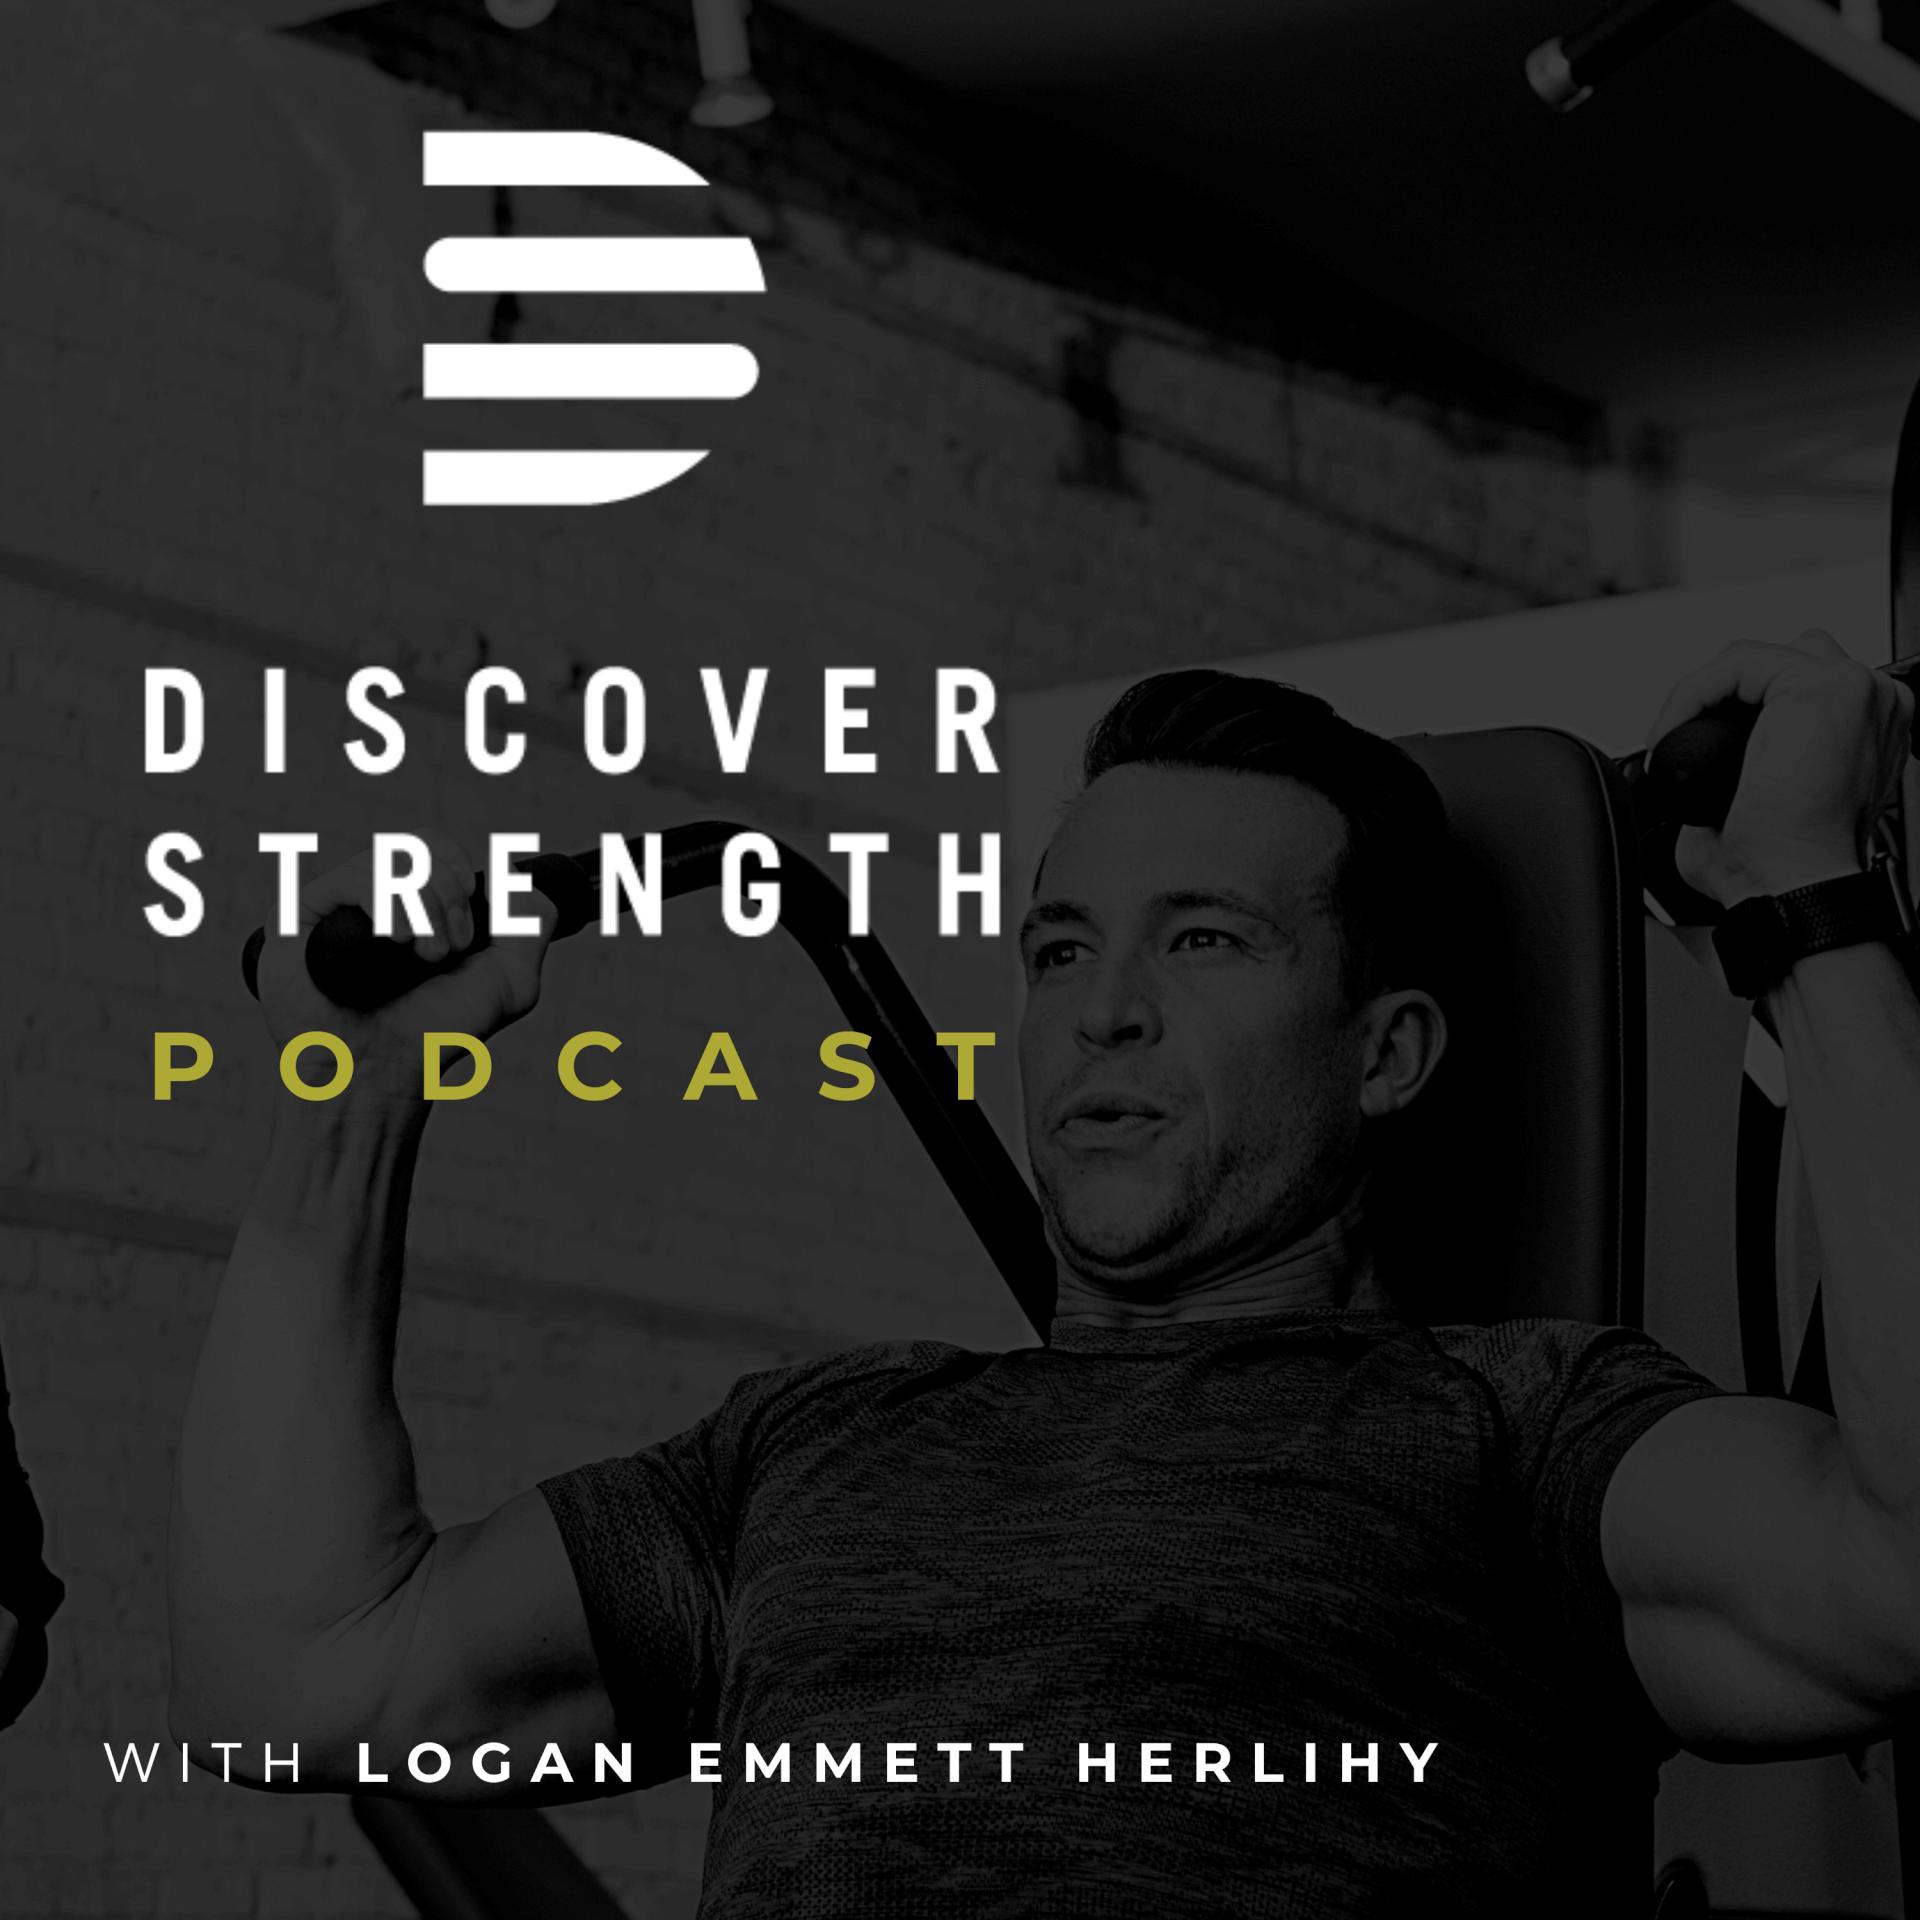 Discover Strength Podcast